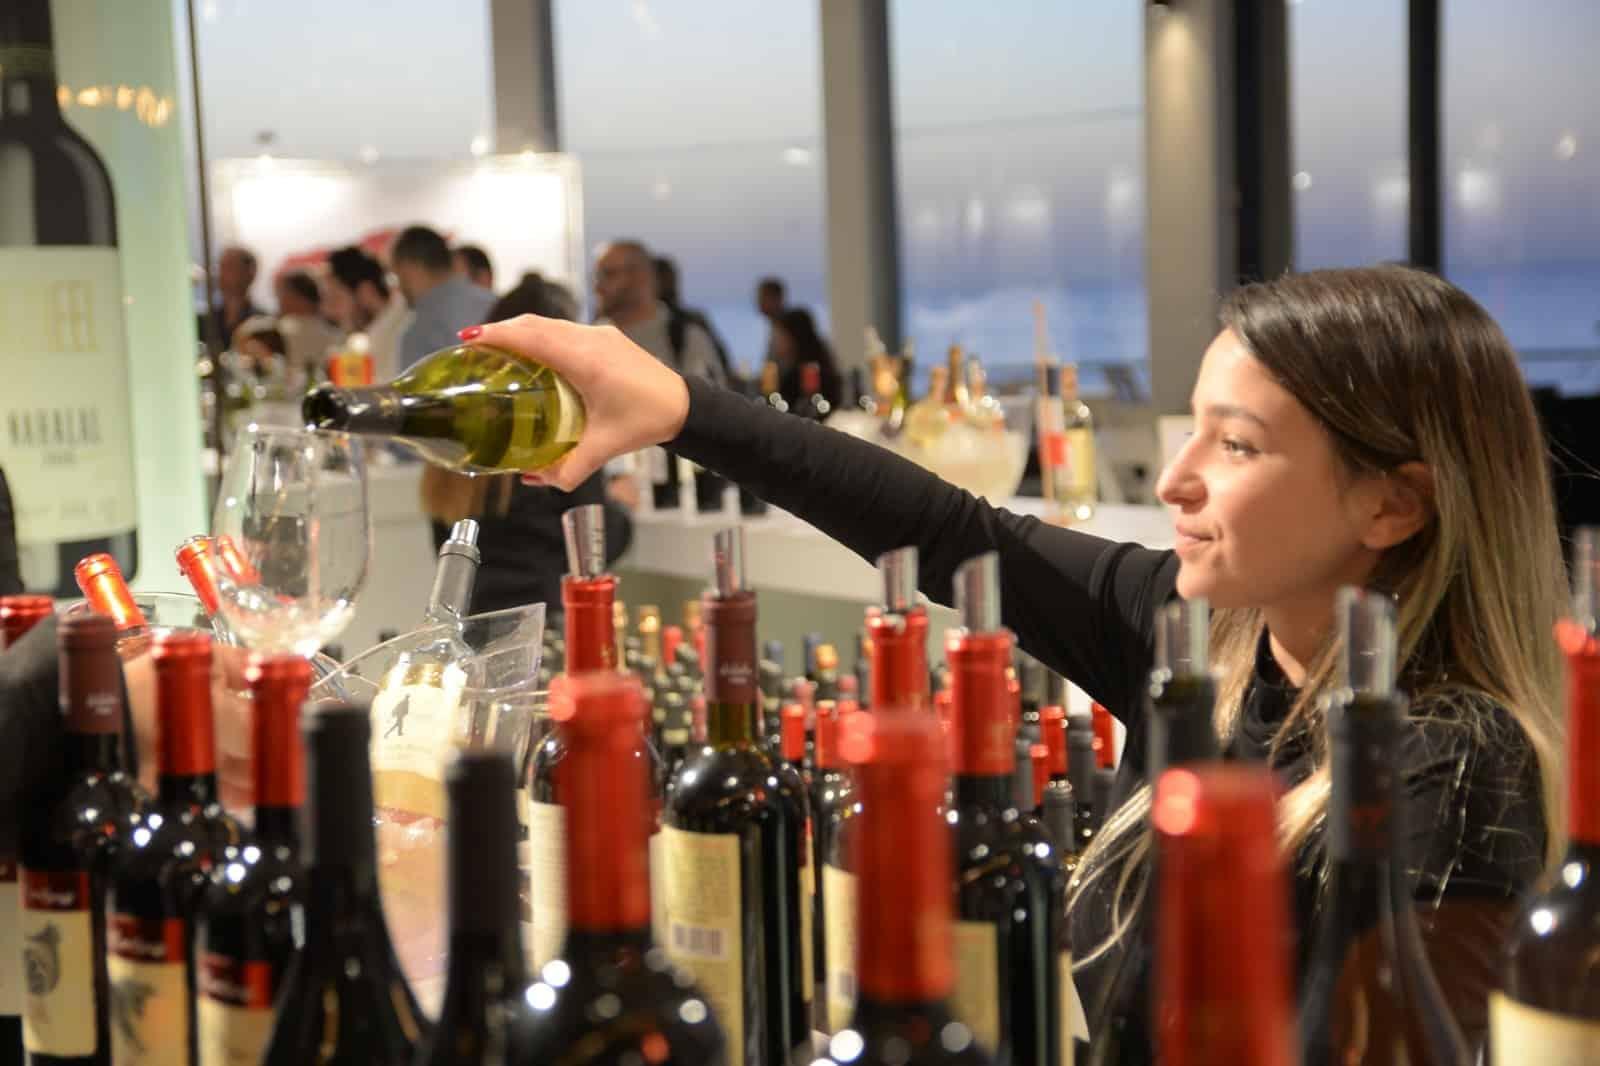 פסטיבל היין הכשר הבינלאומי 'טועמים עולם' חוזר לנמל תל אביב